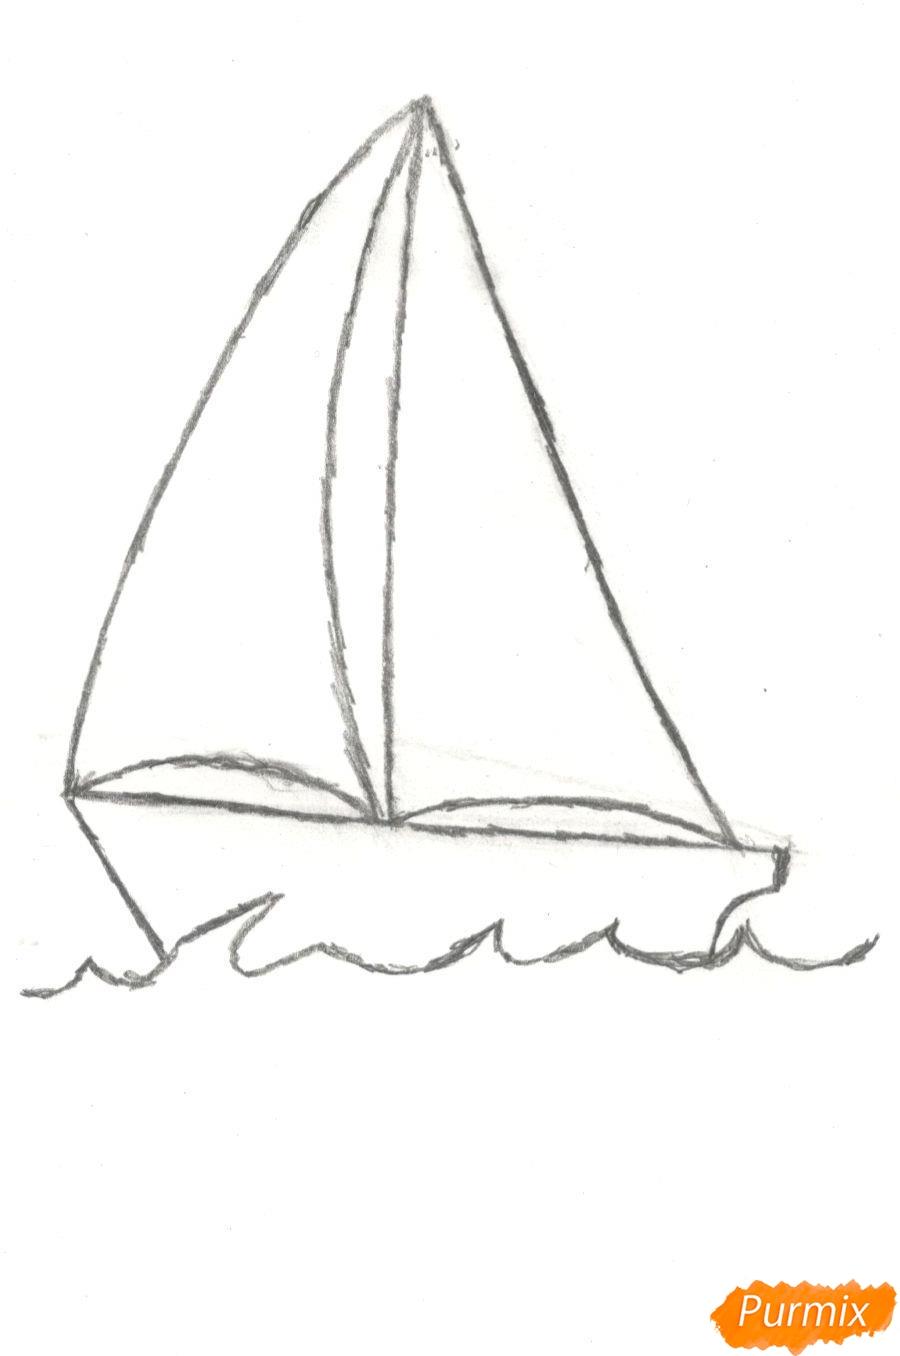 Рисуем кораблик (детский урок) - шаг 4